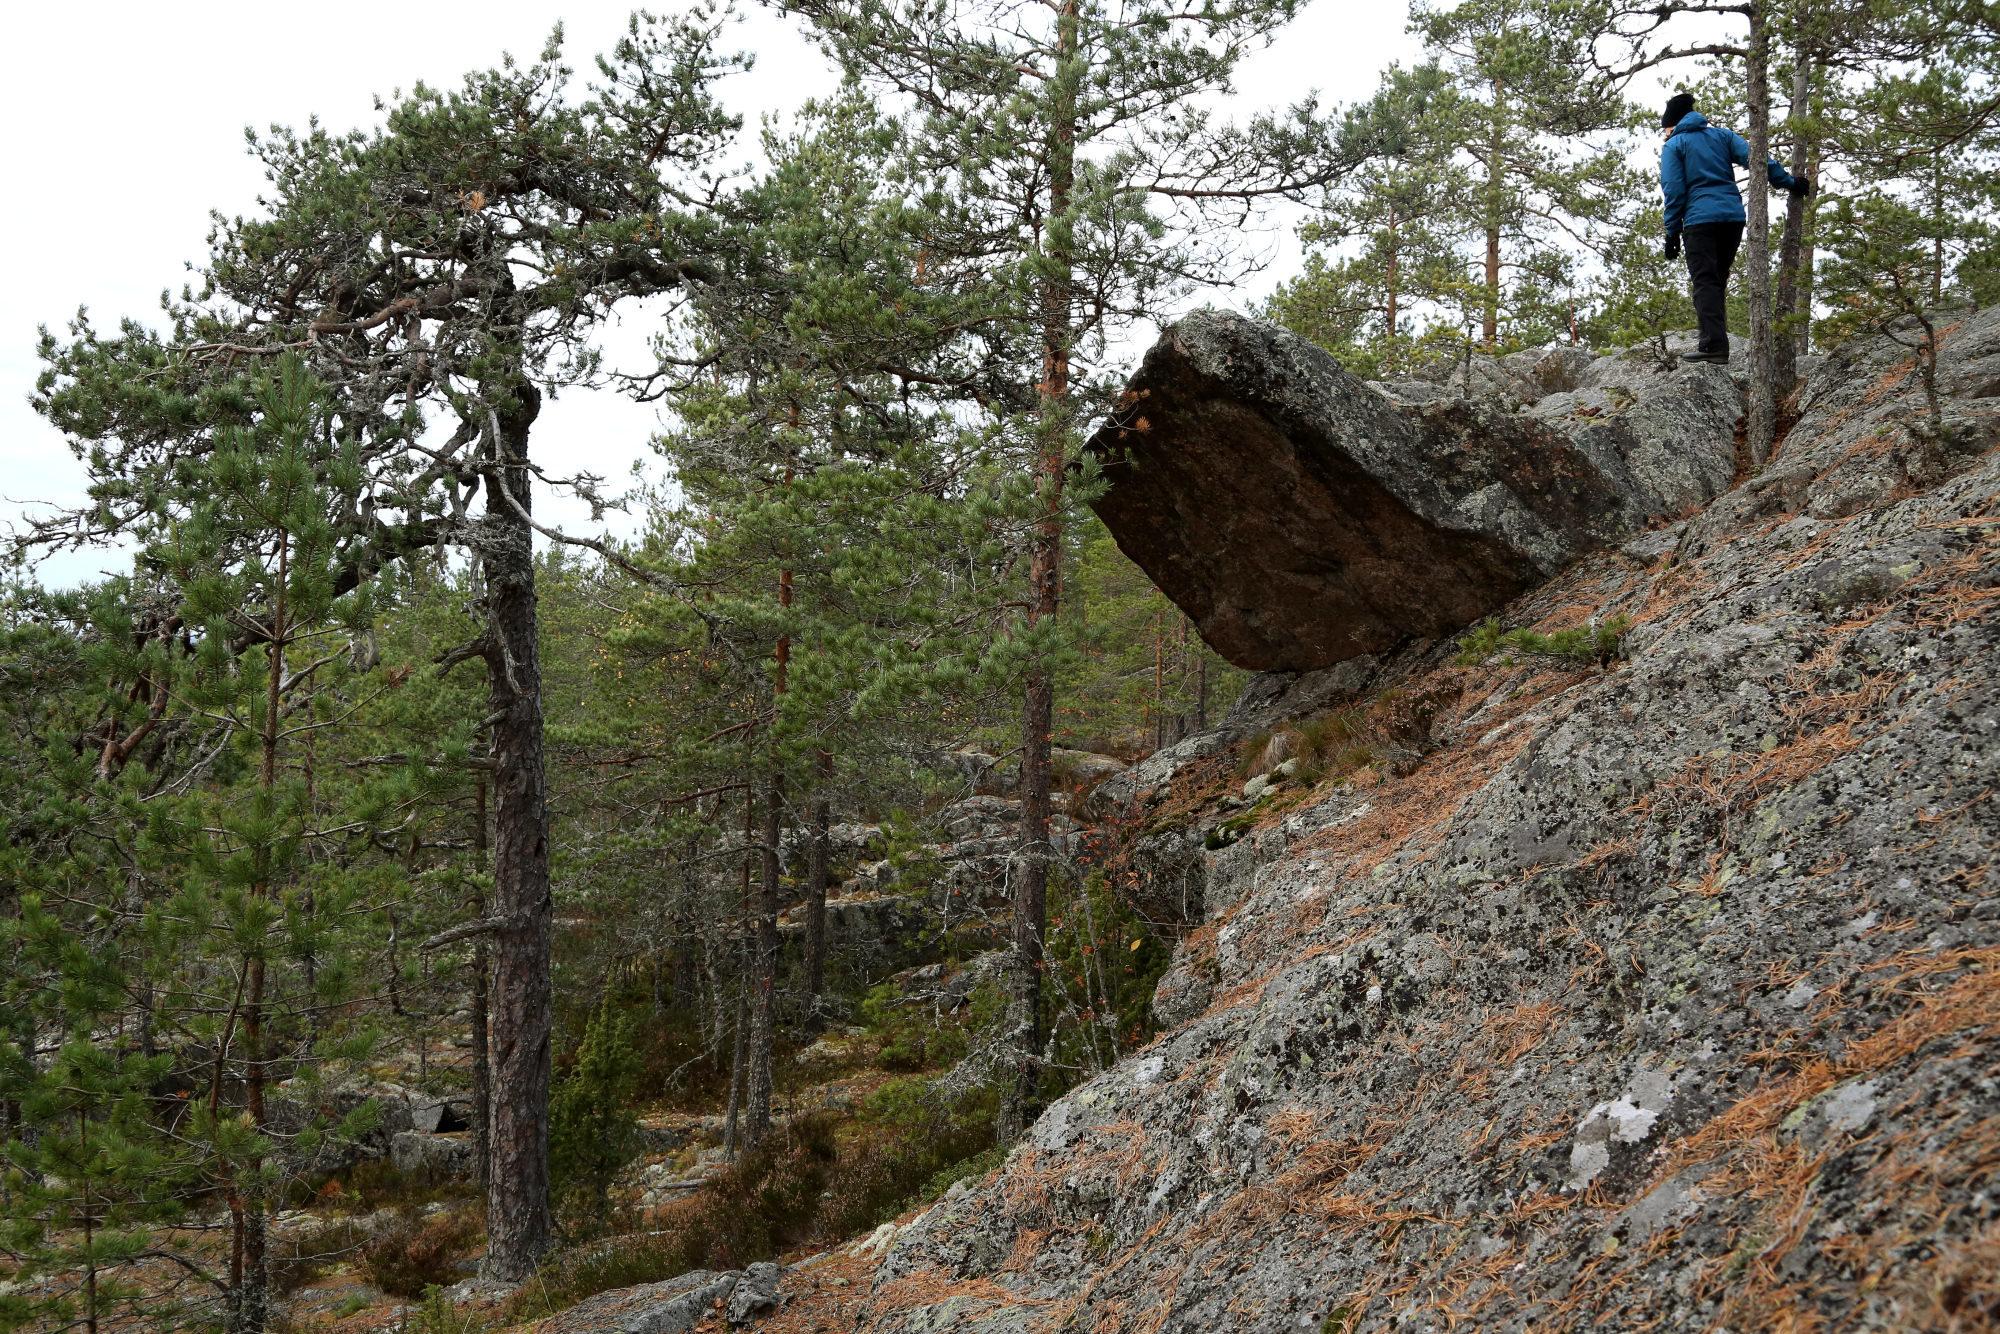 Taikapolku Pyhävuoren seinillä ja kivillä - Kristiinankaupungin Pyhävuoren jylhillä rinteillä on hienoja yksityiskohtia.